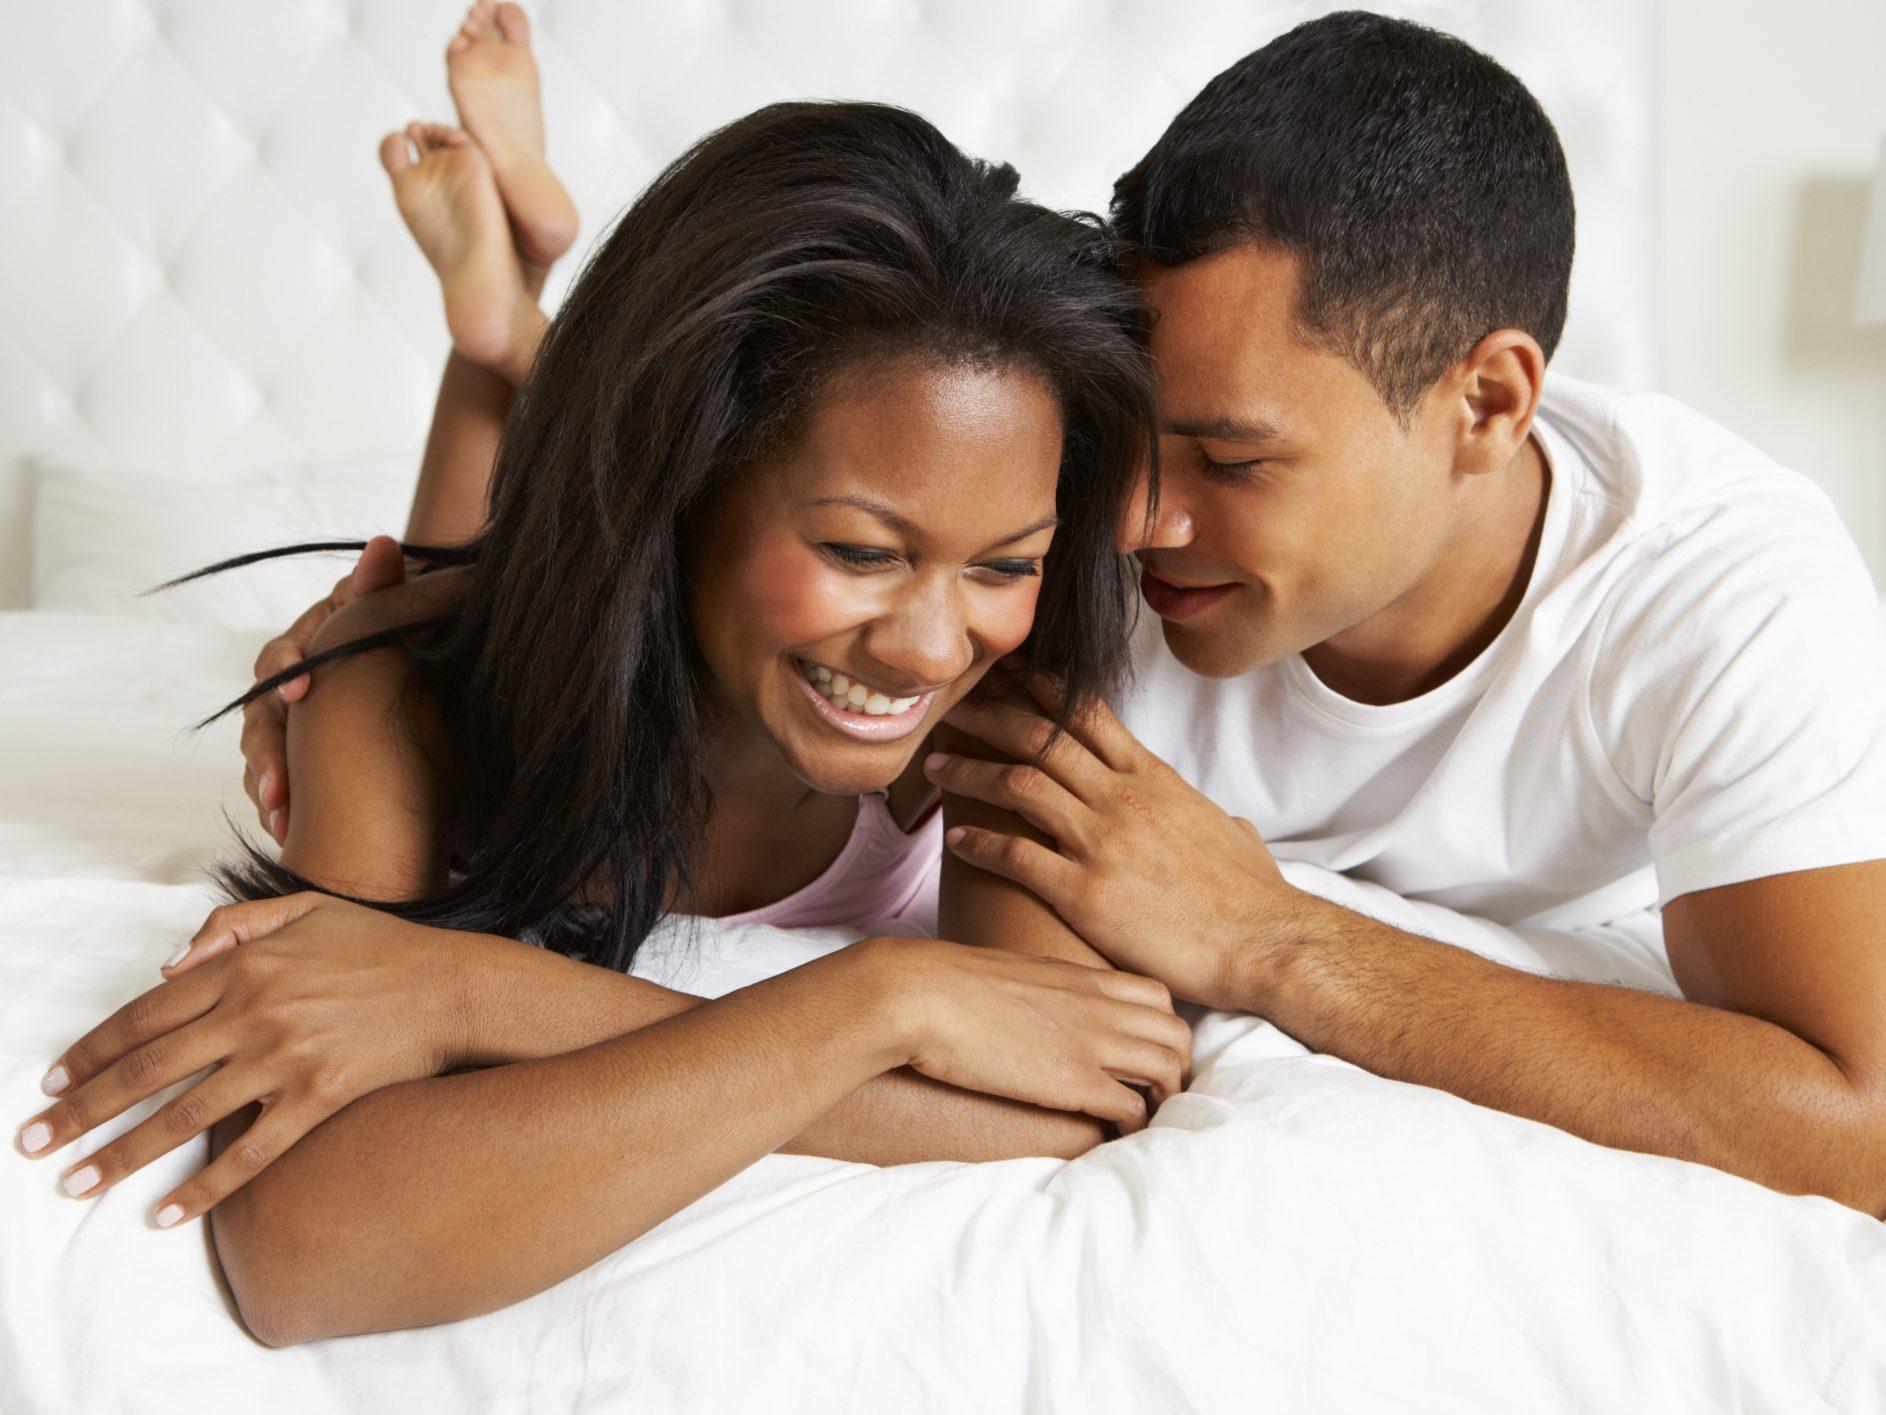 2. Établissez des rituels de couple